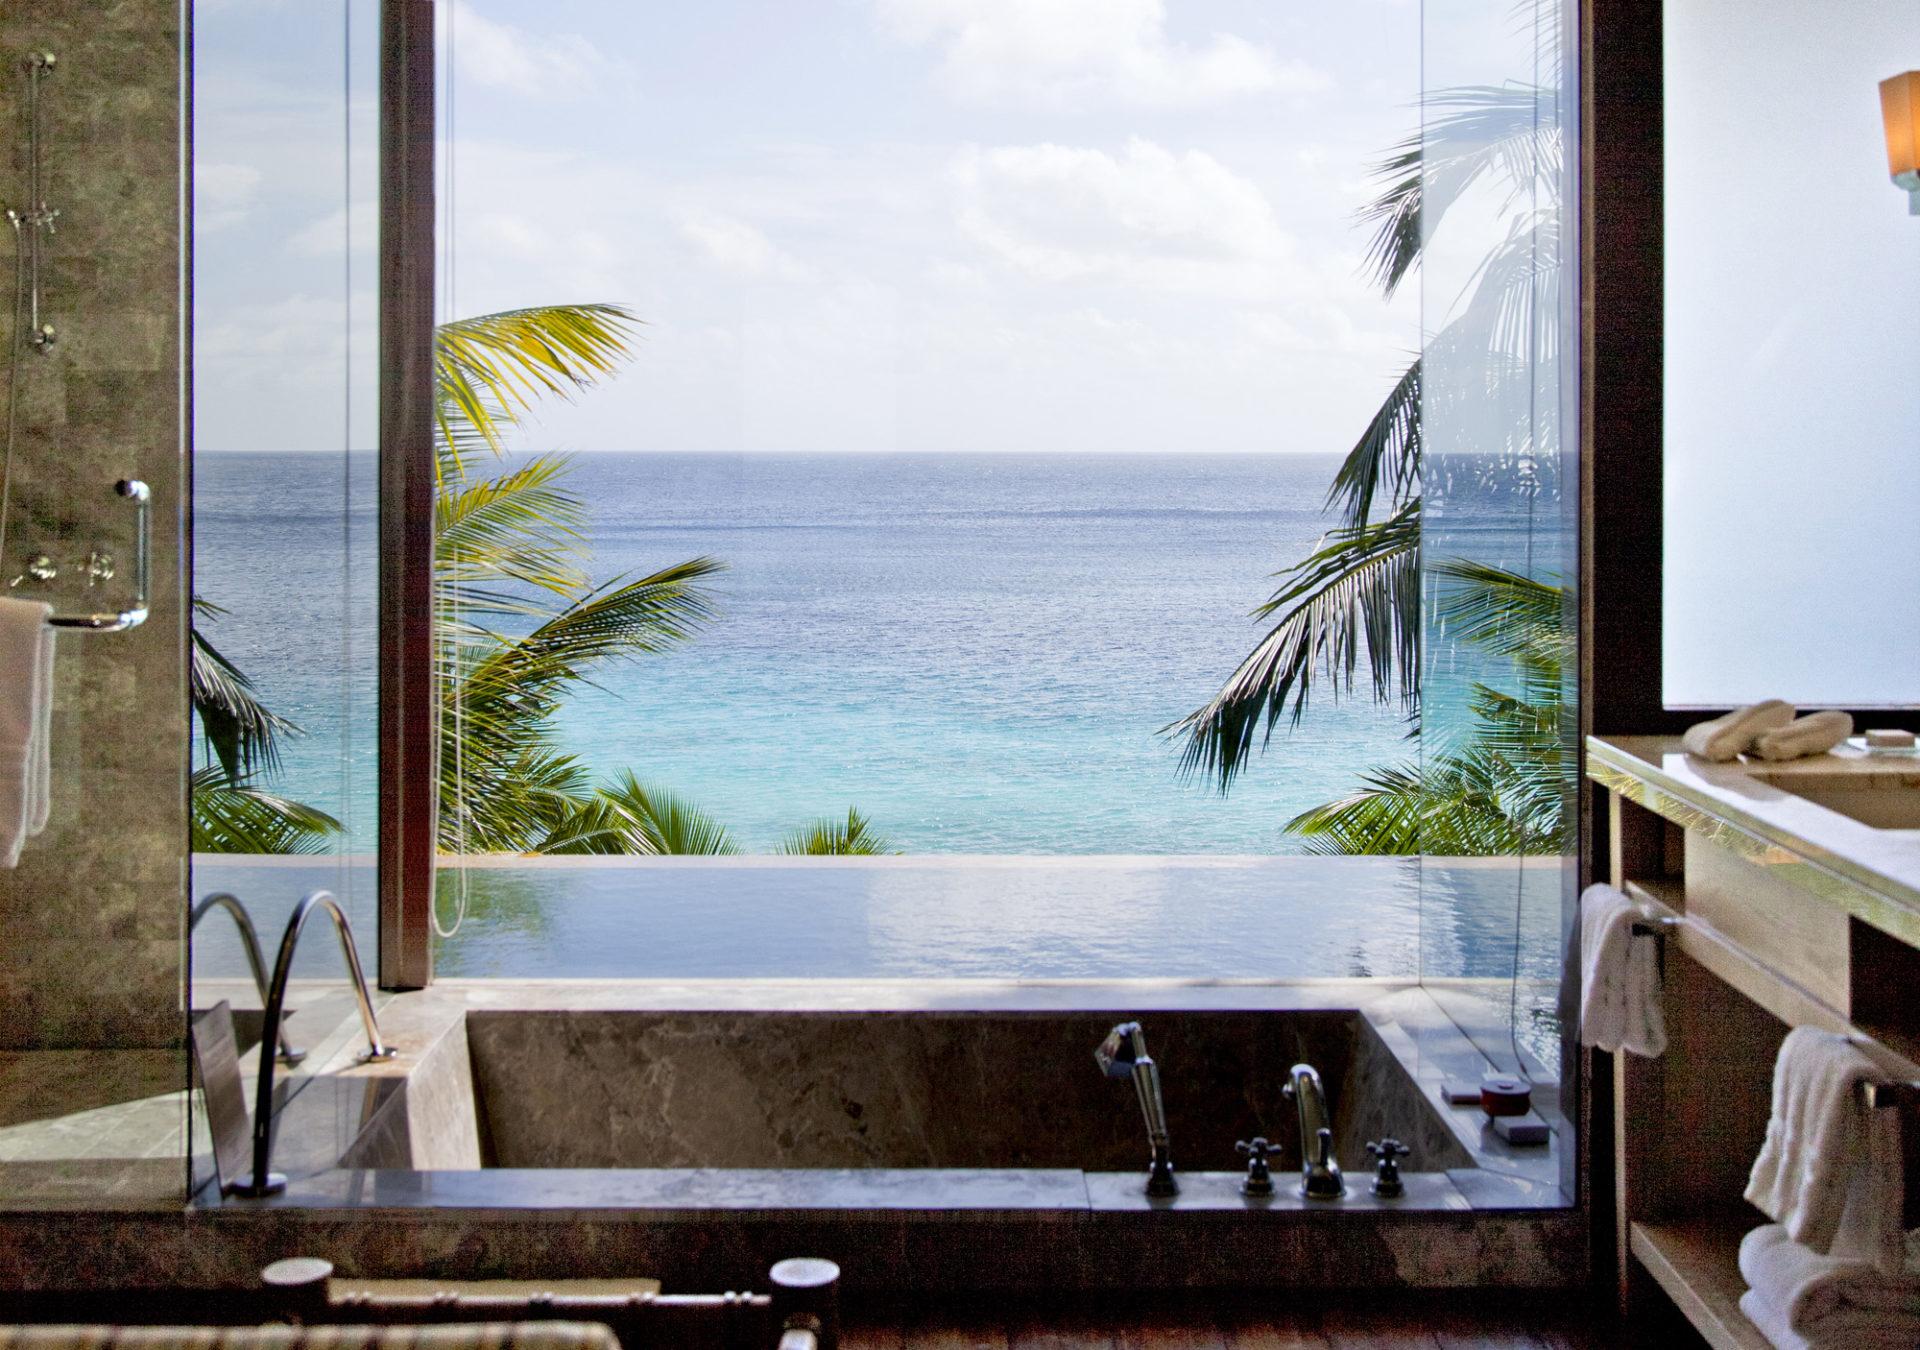 Four Seasons, île de Mahé, Seychelles. © Elodie Rothan